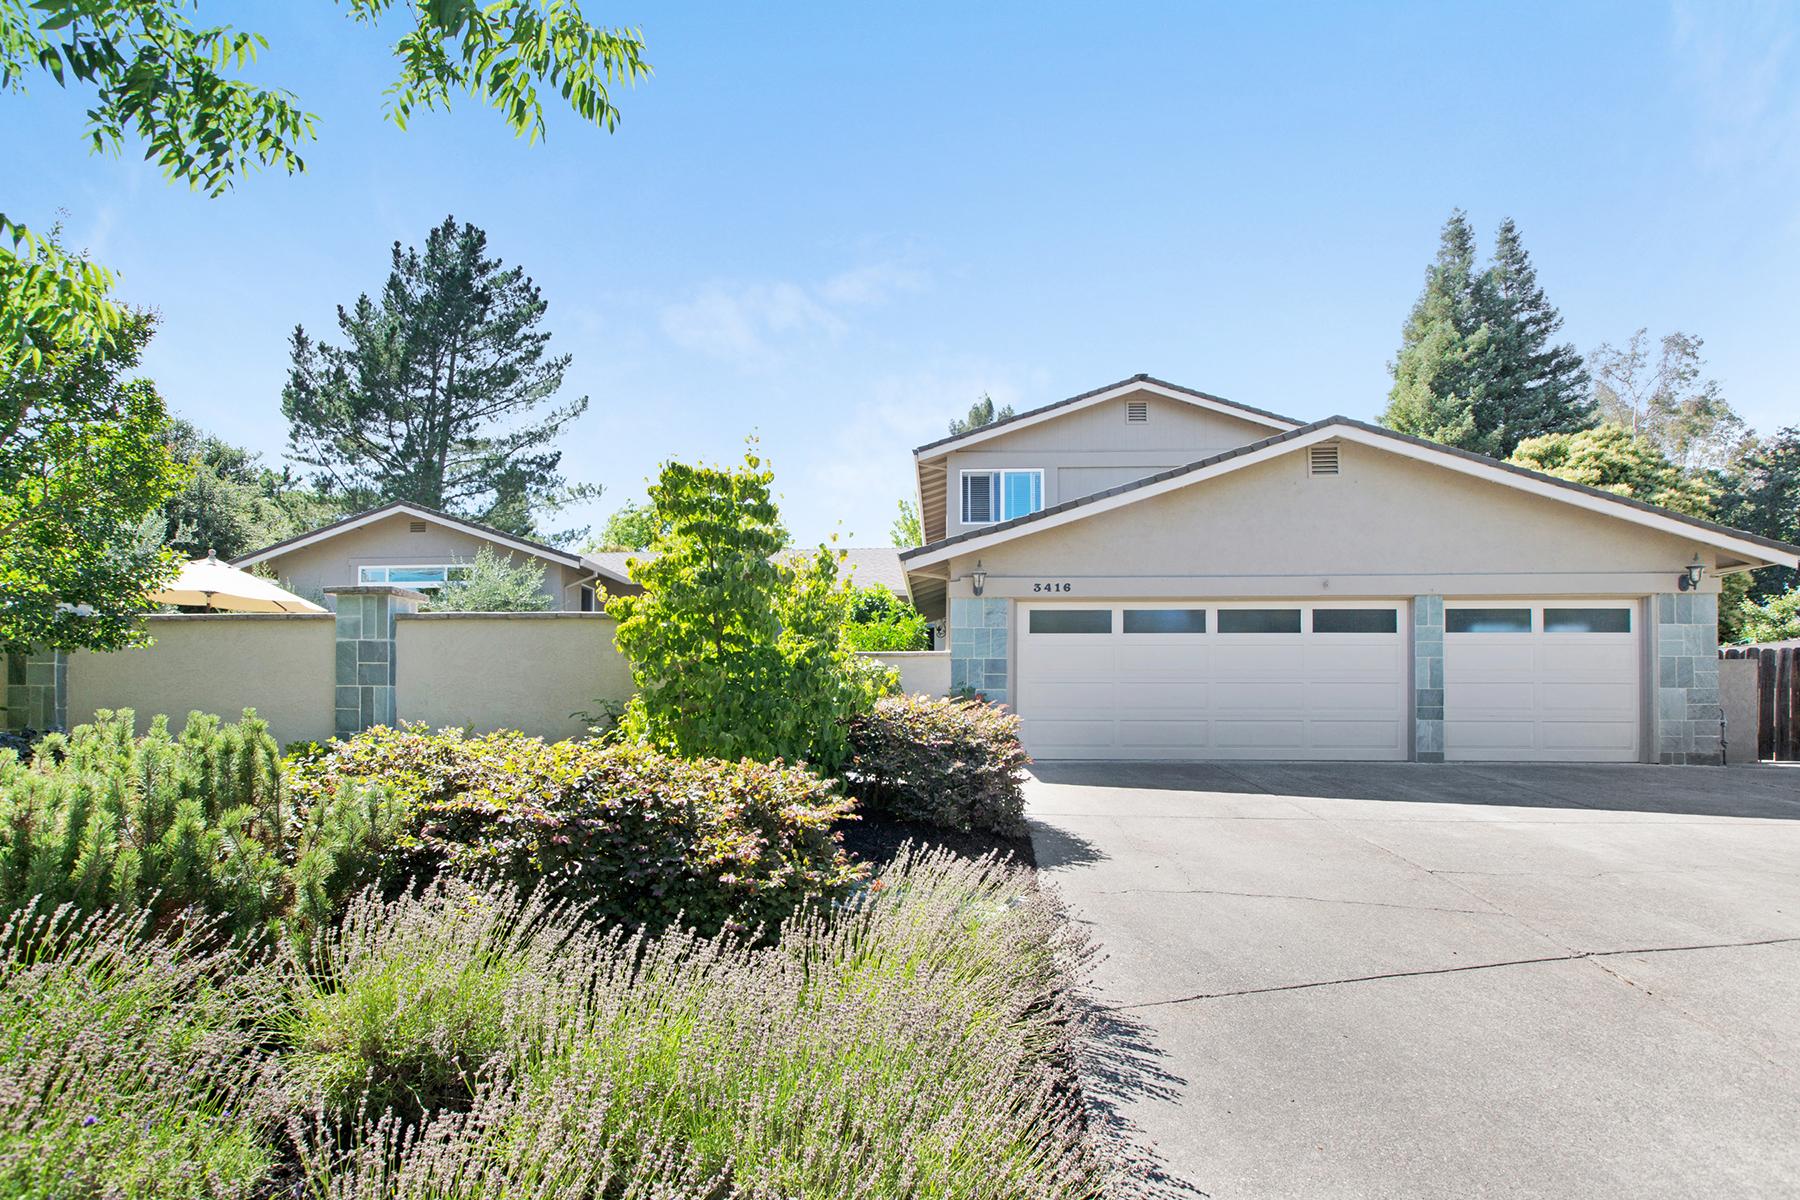 Casa Unifamiliar por un Venta en 3416 Ellen Way, Napa, CA 94558 3416 Ellen Way Napa, California, 94558 Estados Unidos